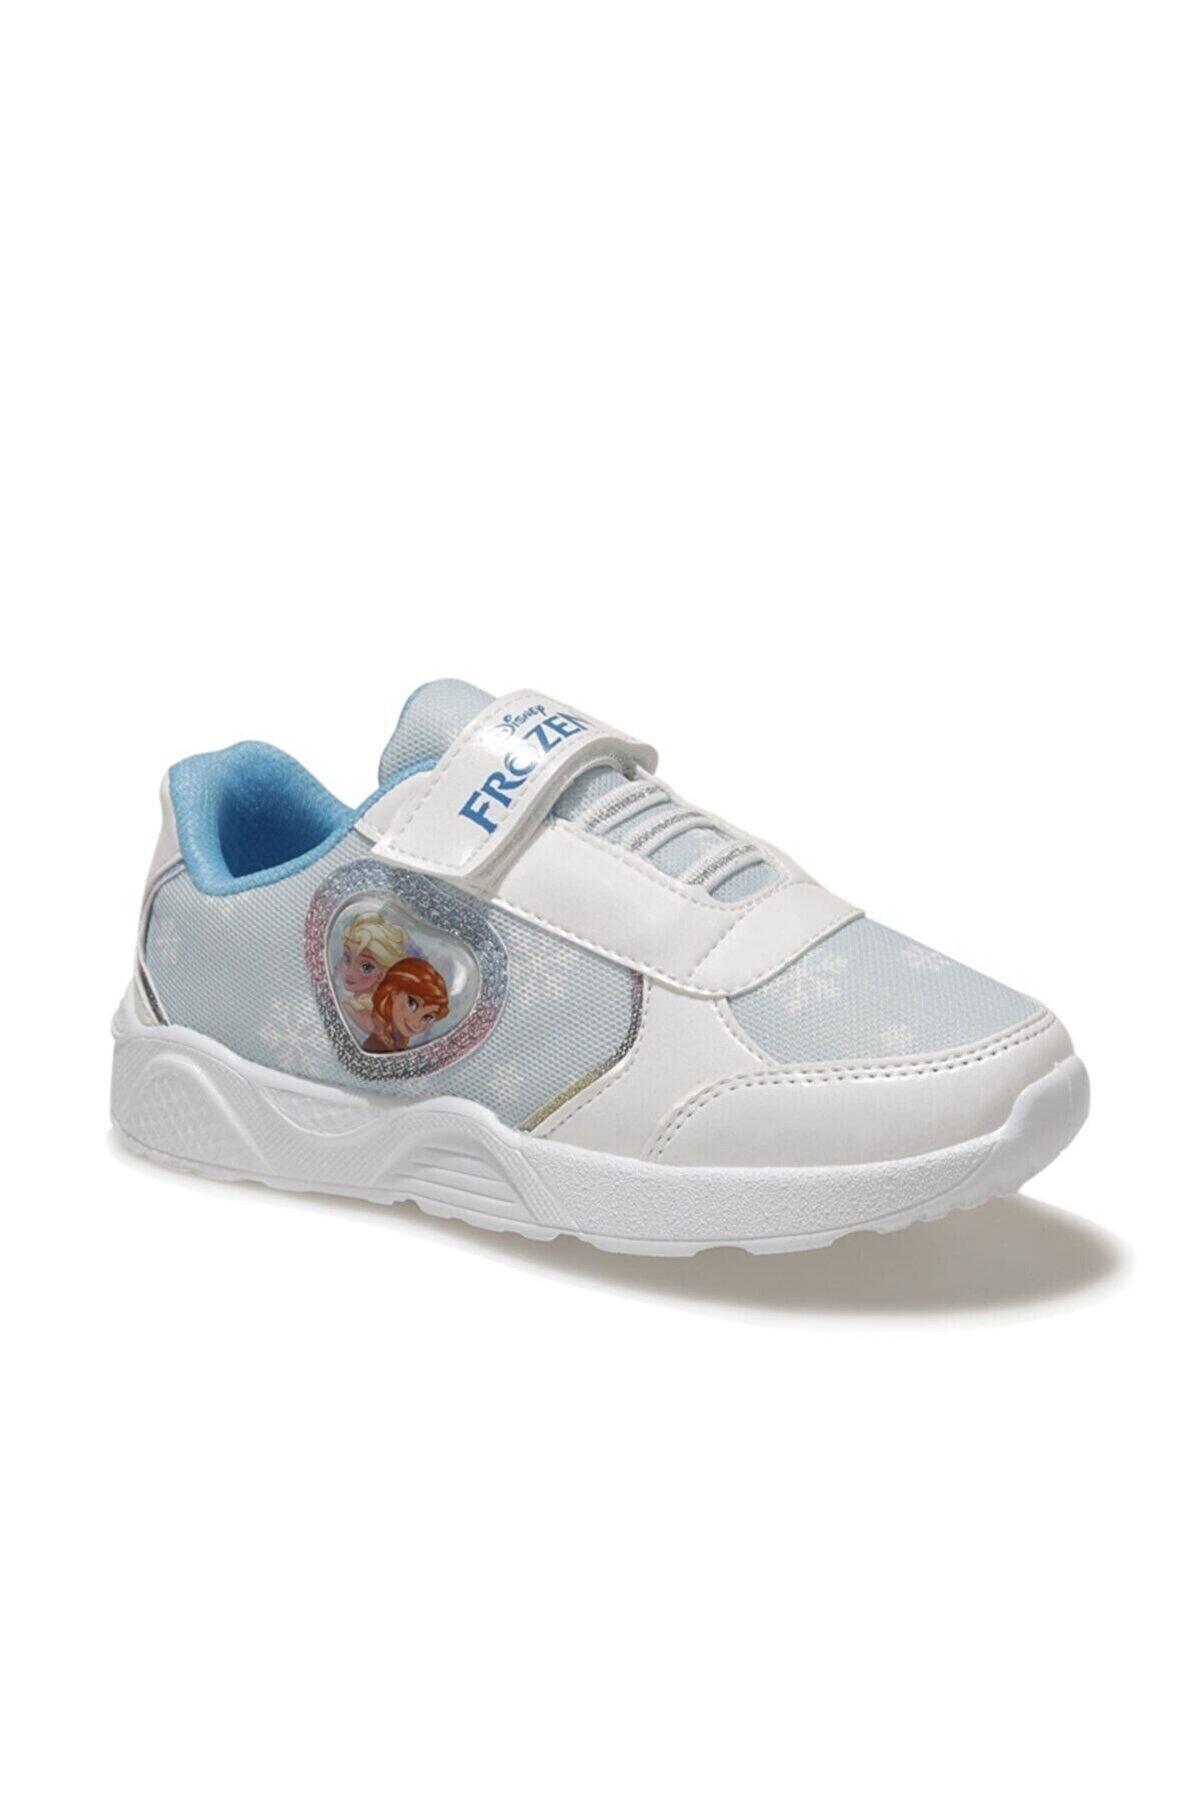 Frozen NELDA.F1FX Beyaz Kız Çocuk Spor Ayakkabı 101012764